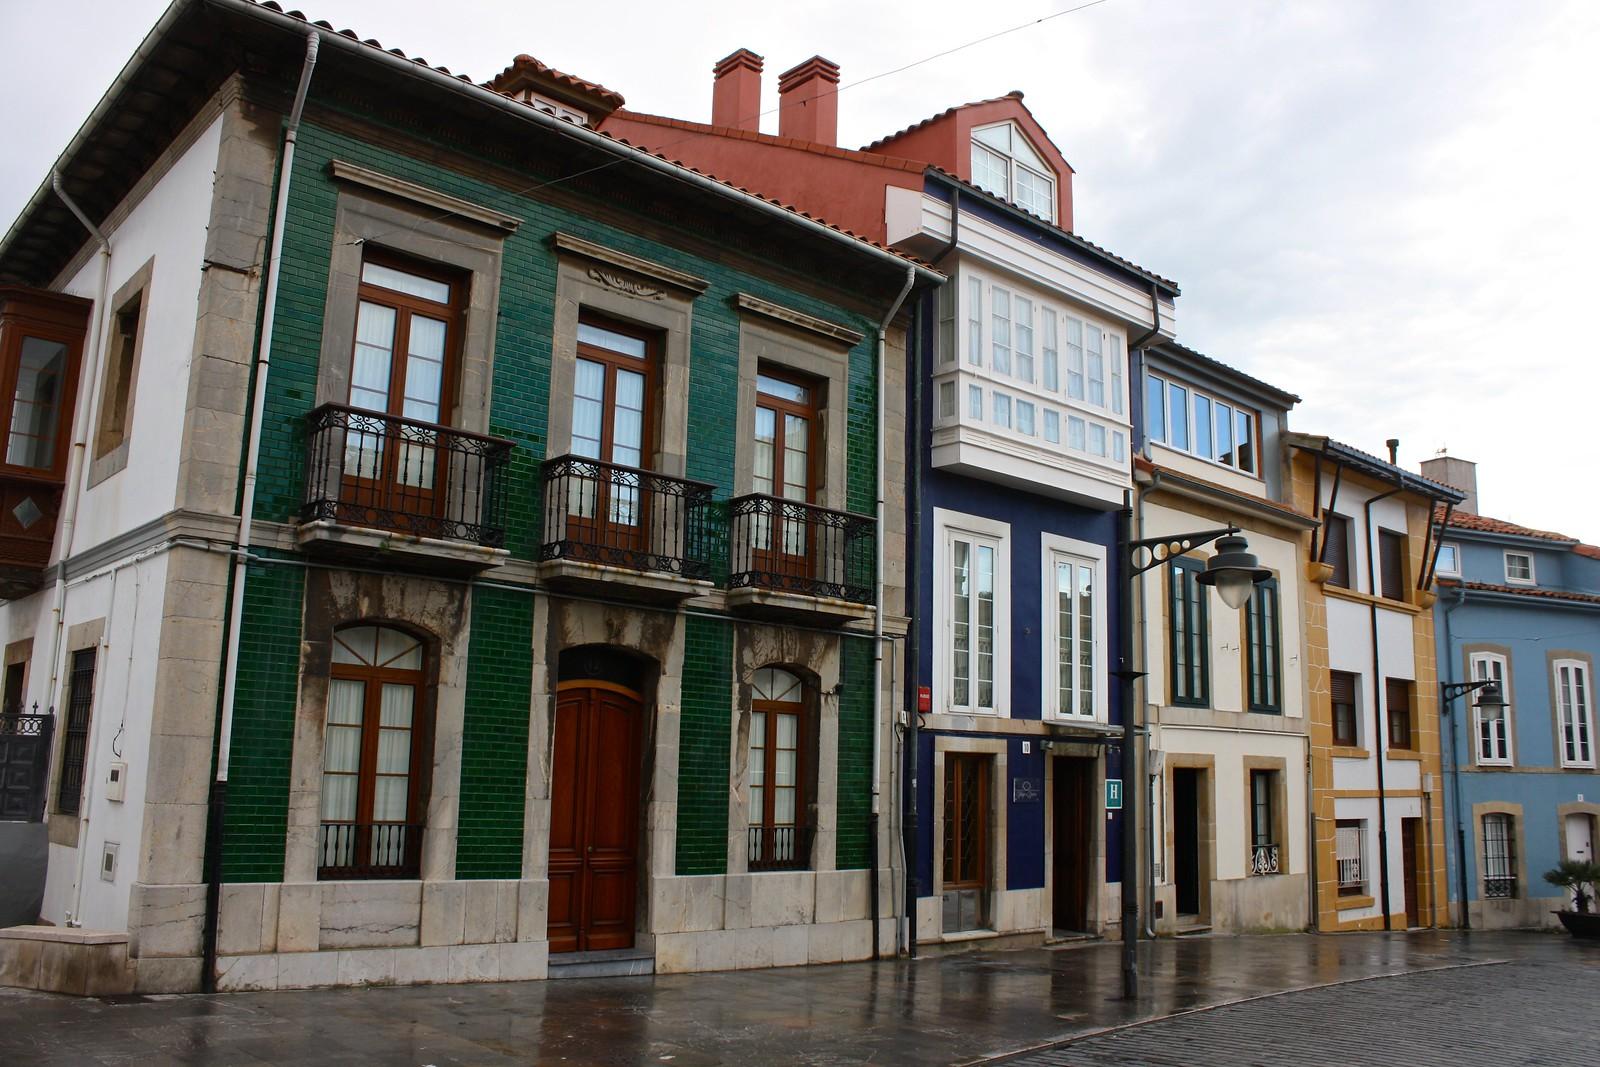 Luanco, Spain